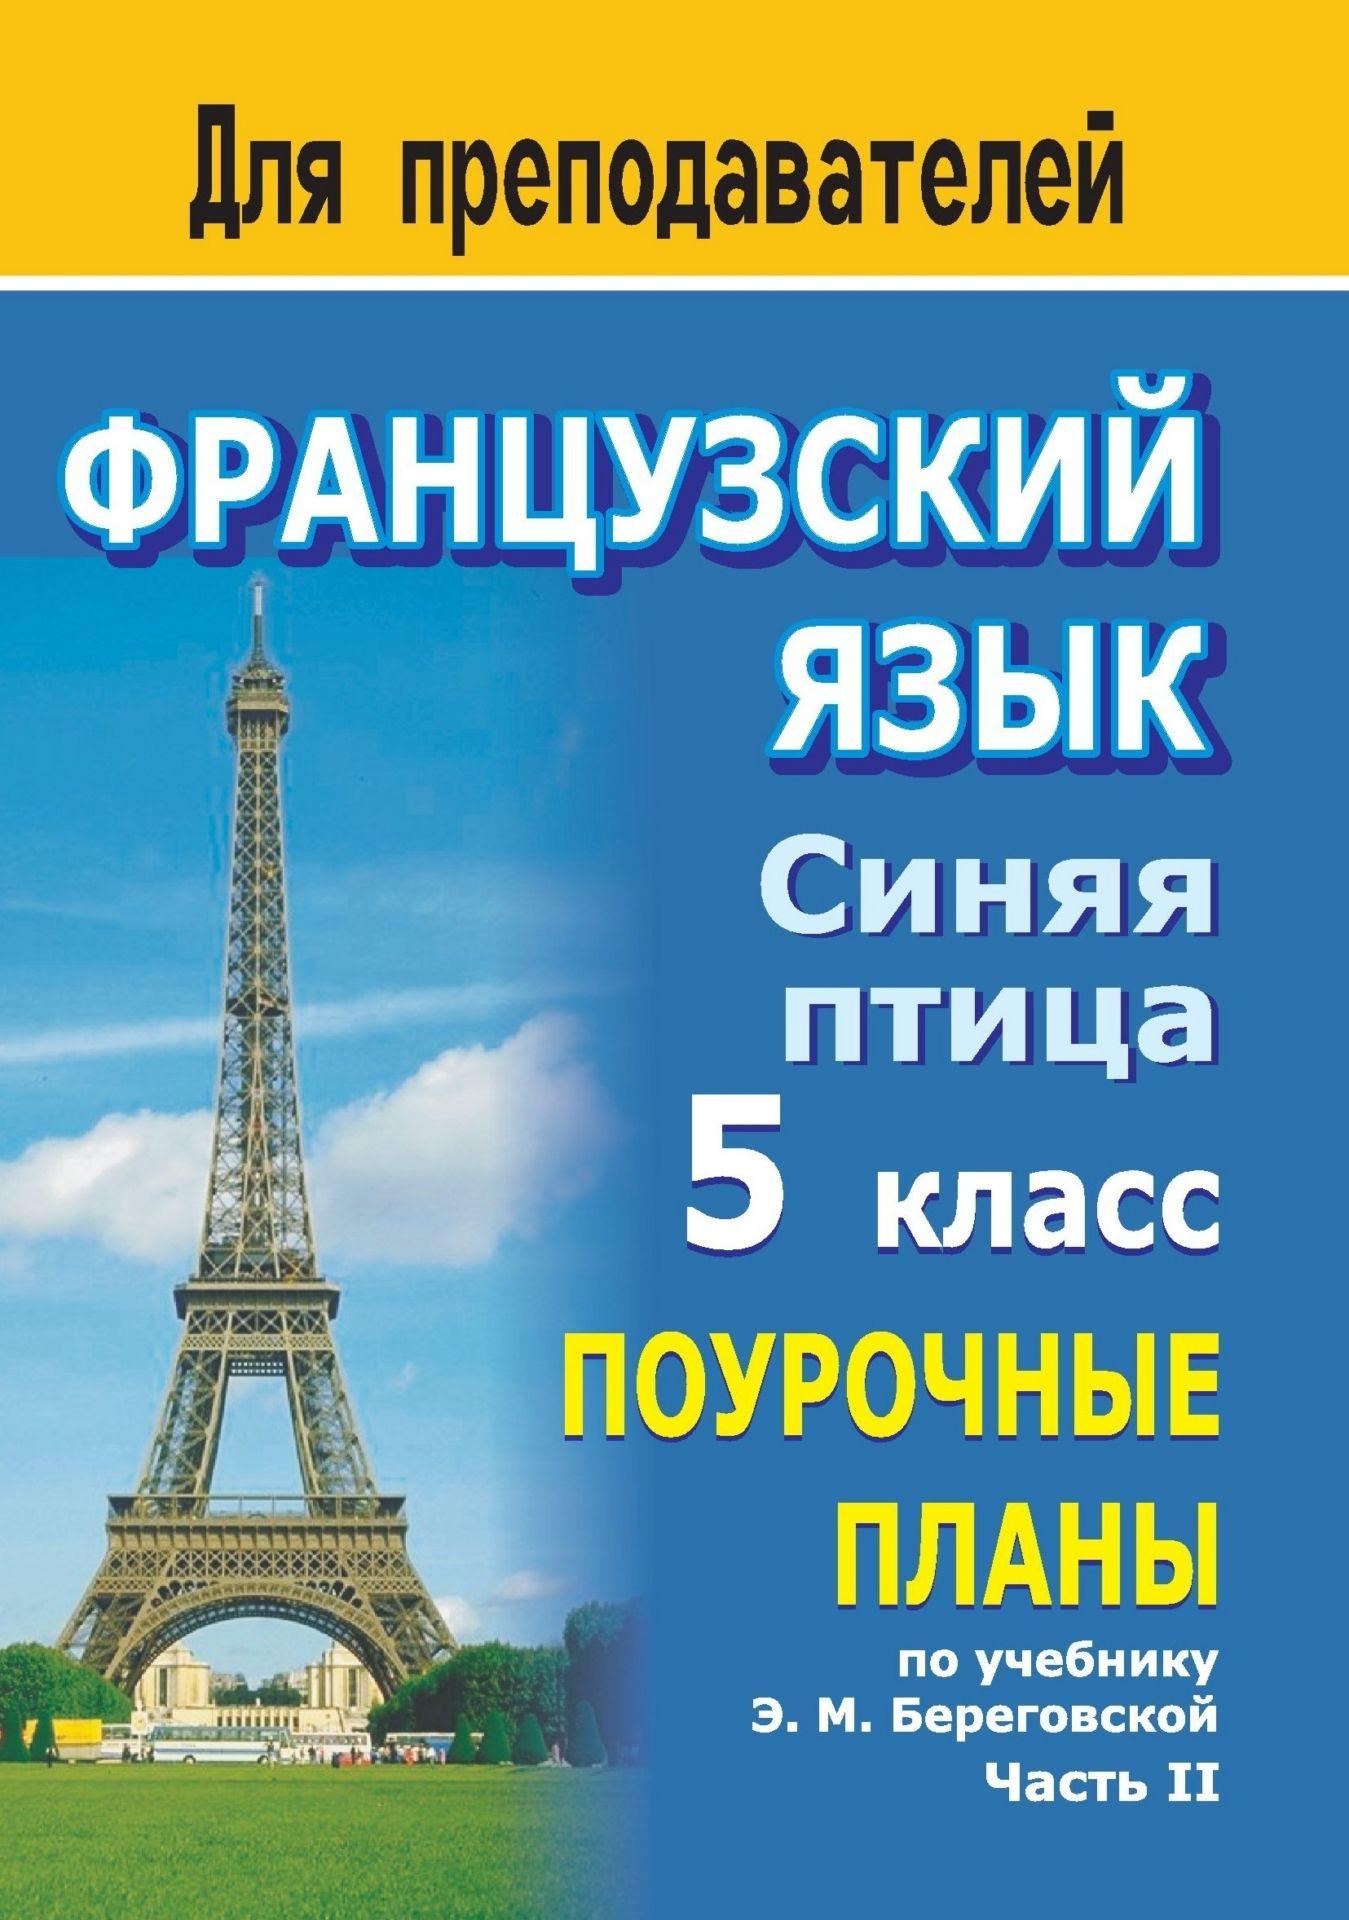 Французский язык. Синяя птица. 5 класс: поурочные планы по учебнику Э. М. Береговской. Часть II